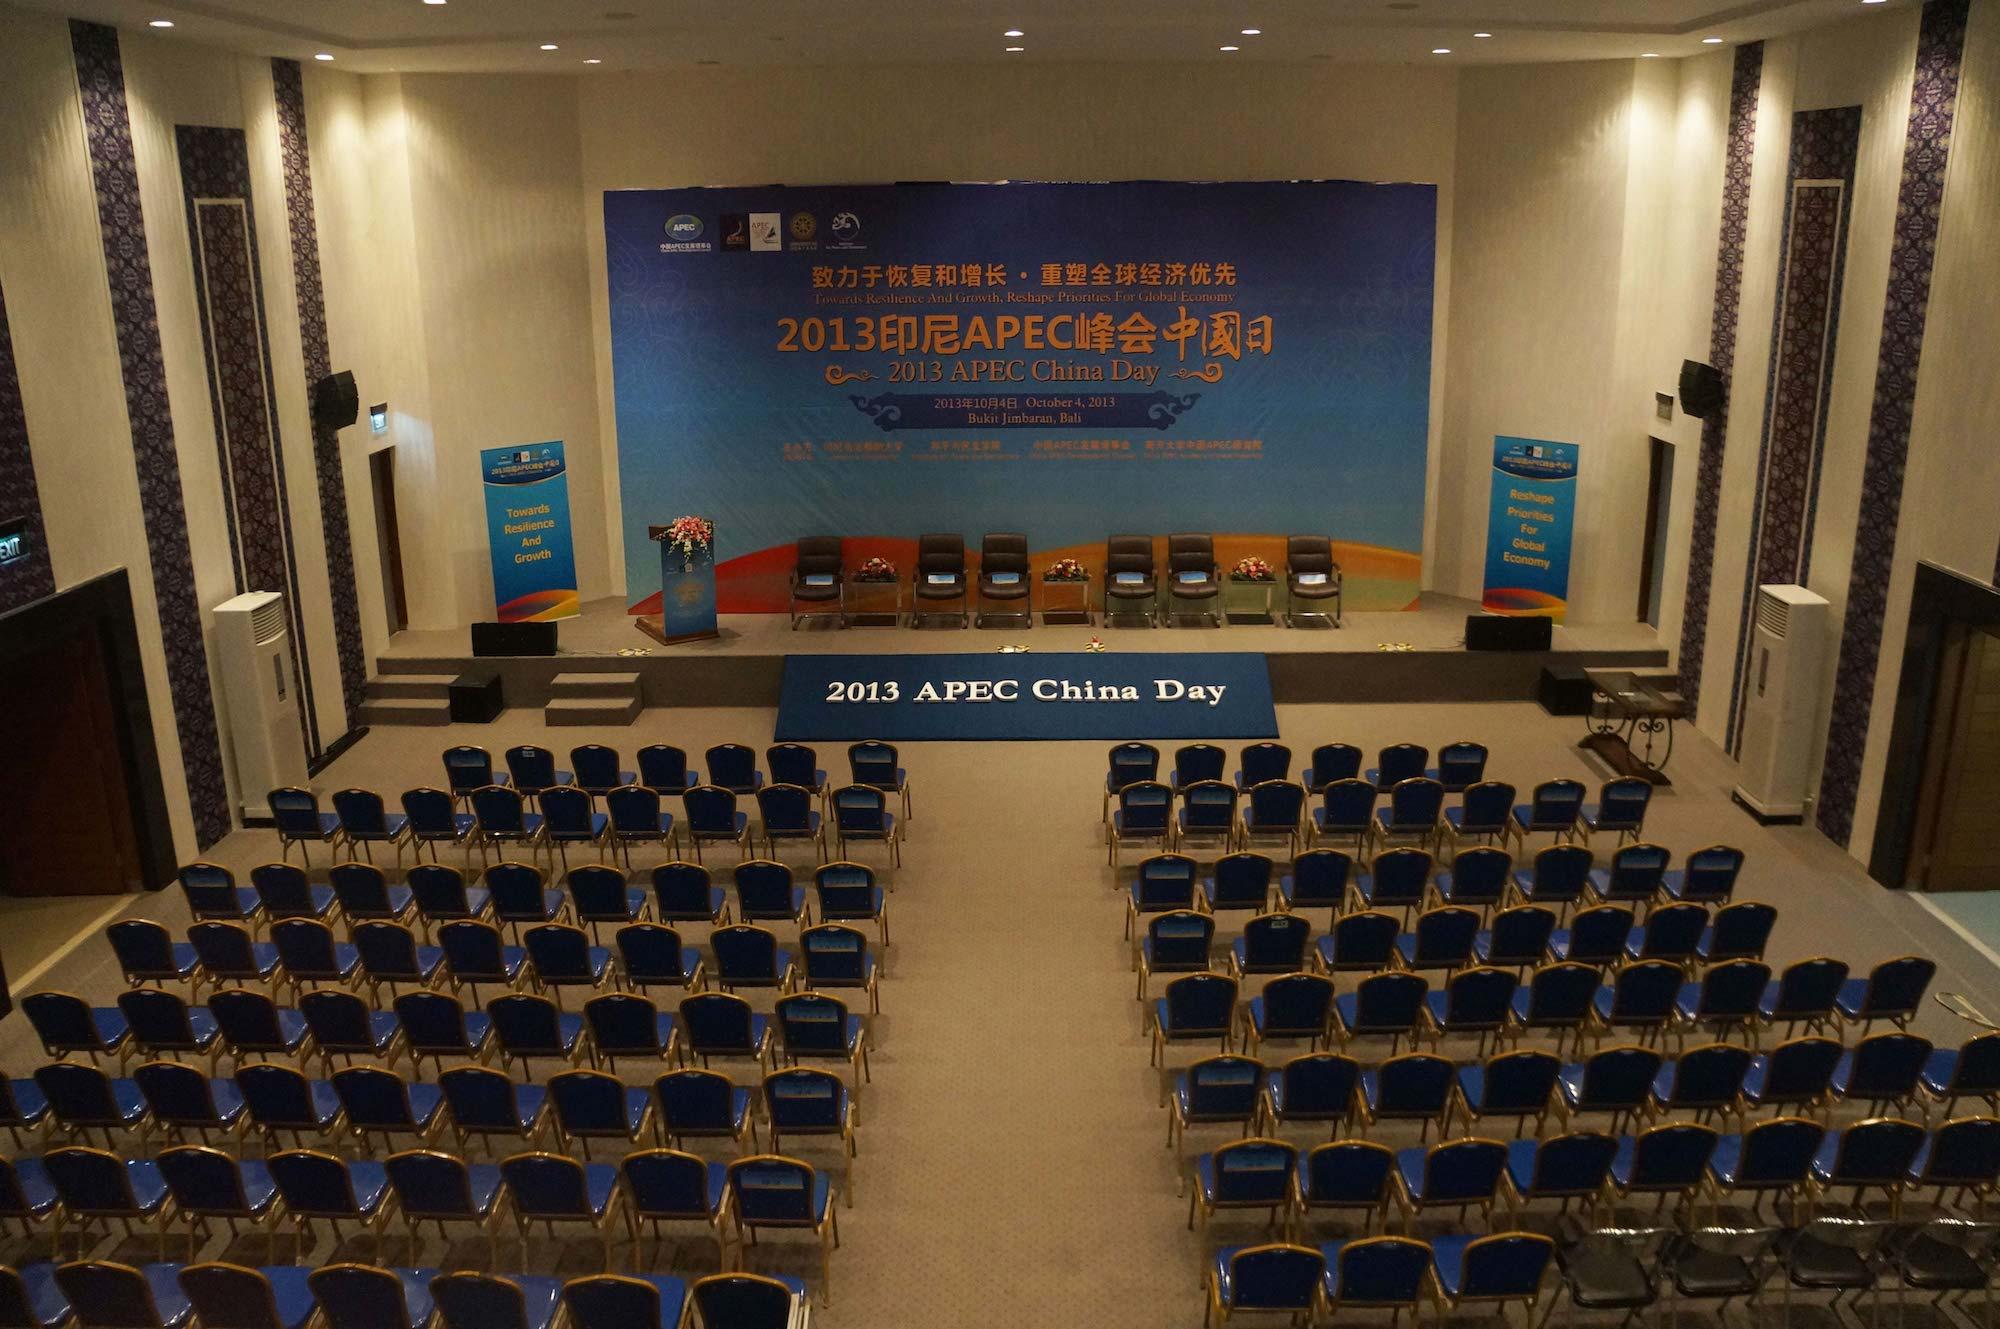 2013印尼APEC峰会中国日